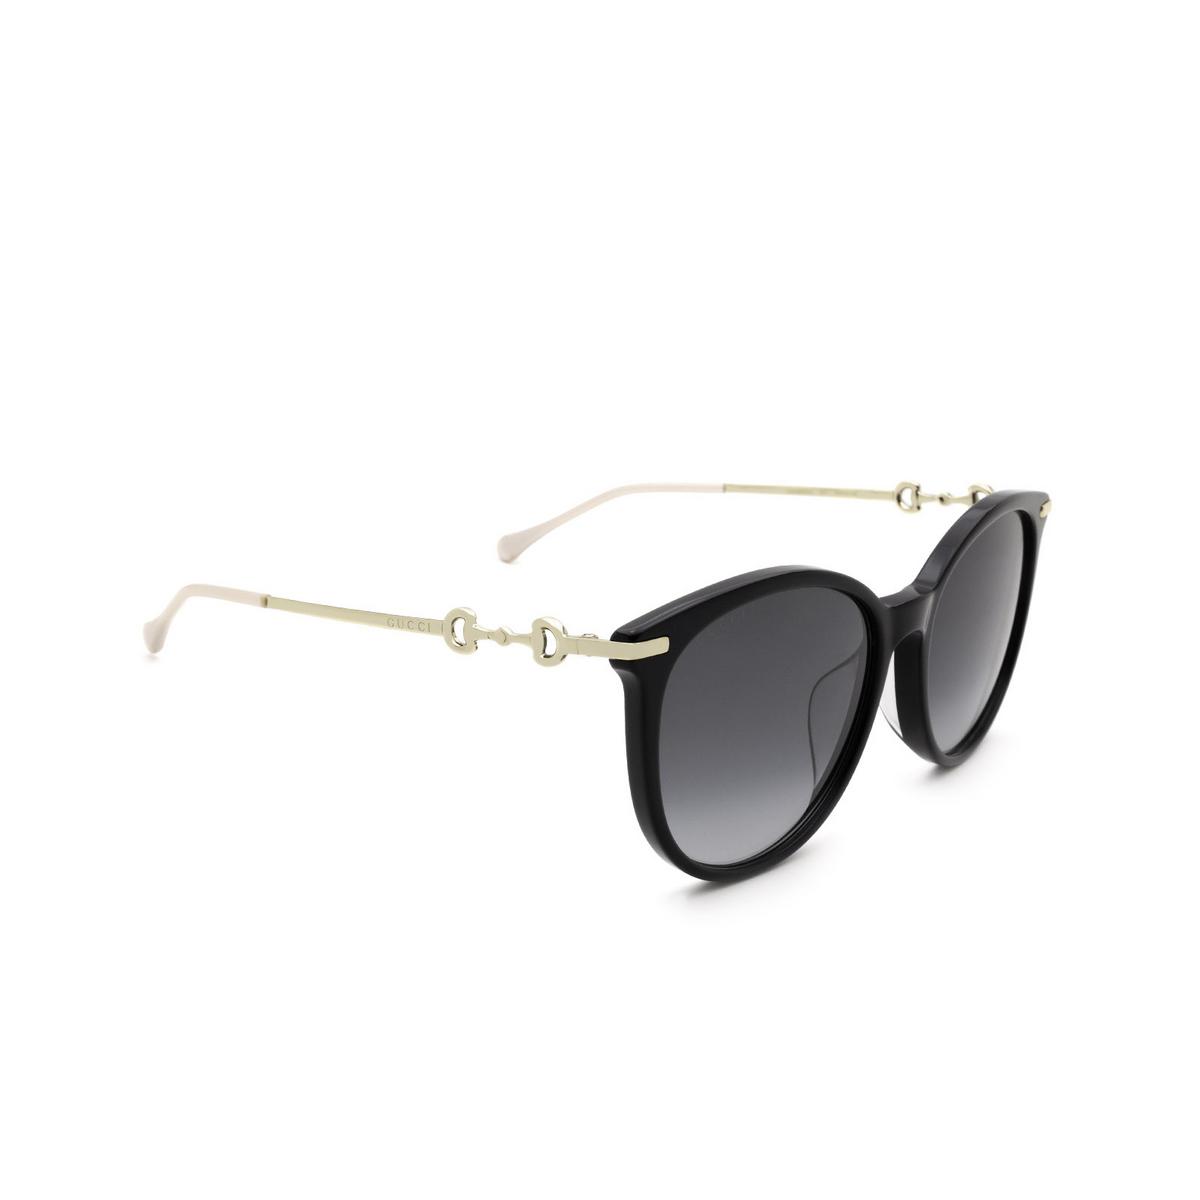 Gucci® Cat-eye Sunglasses: GG0885SA color Black 001.